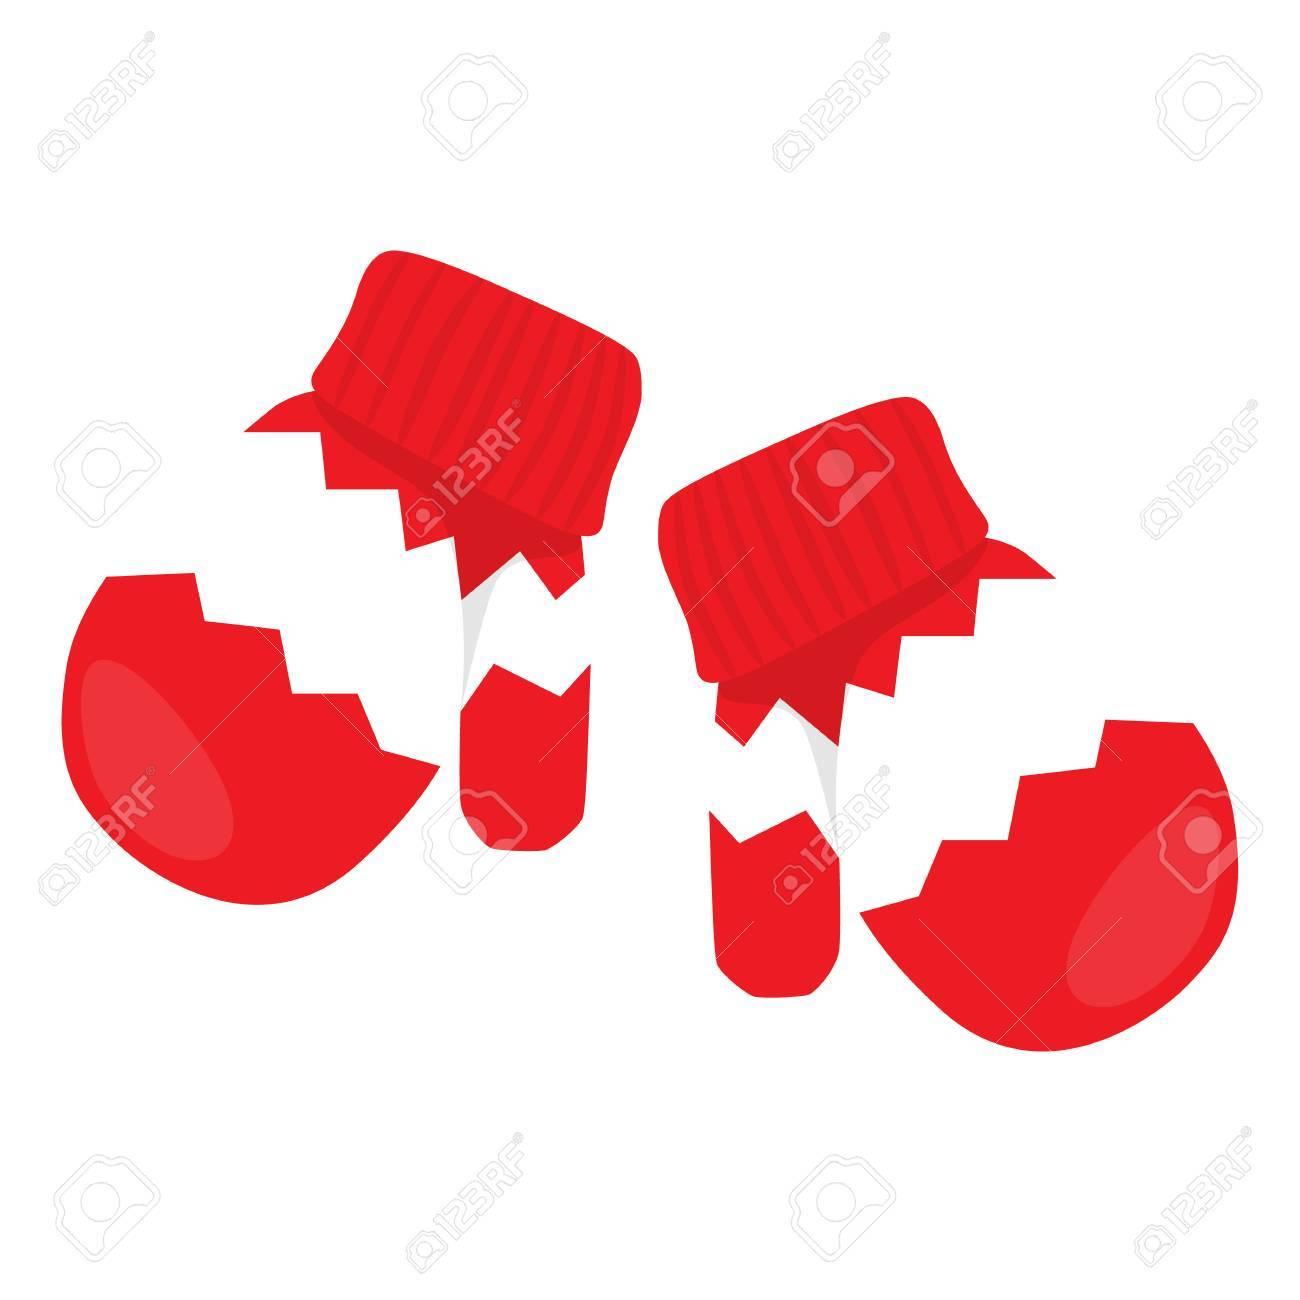 赤いミトンのイラストのペアのイラスト素材ベクタ Image 63816667